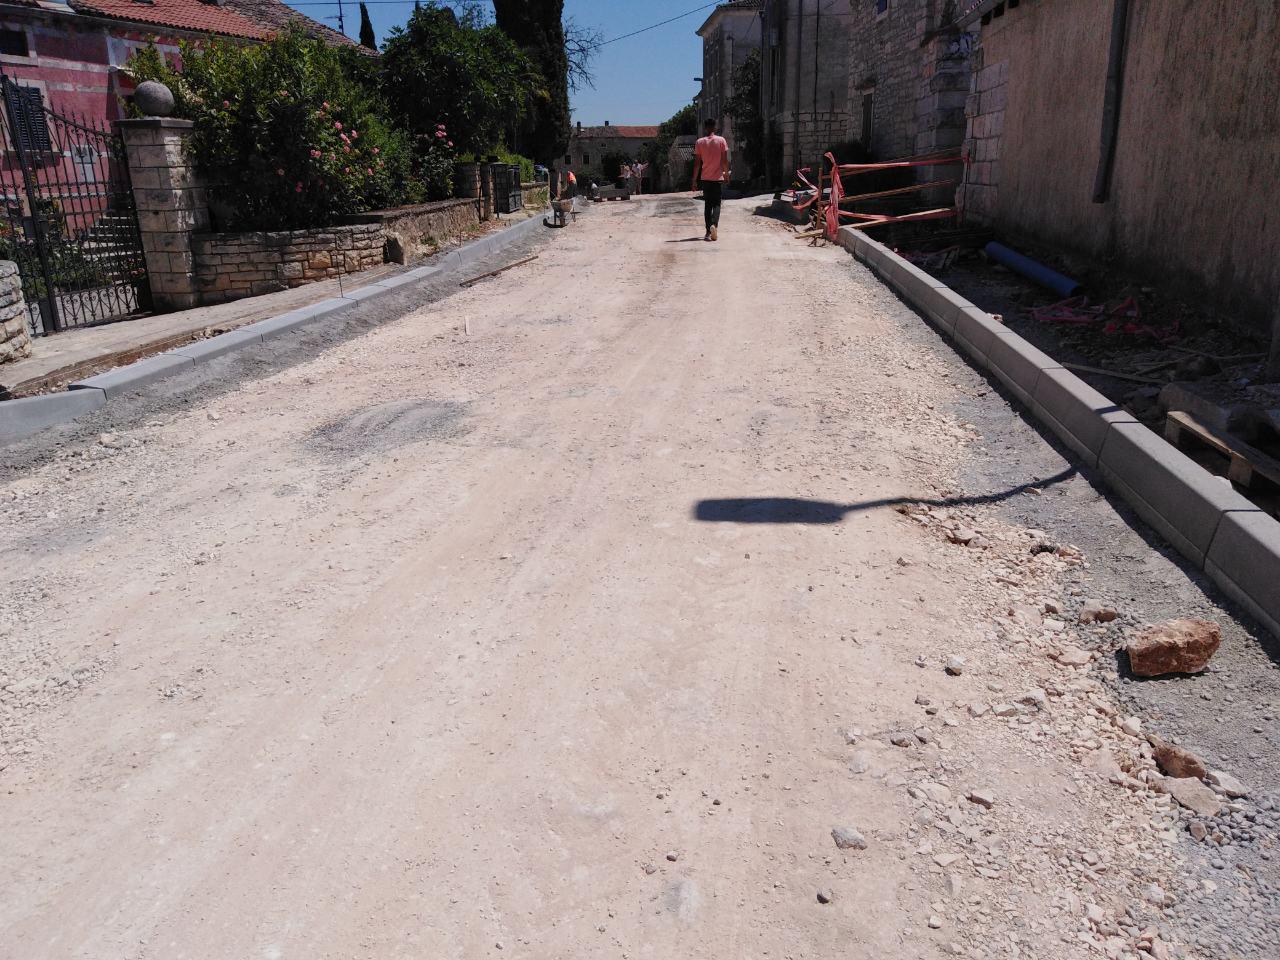 Stanje i napredak radova na gradilištima projekta u mjesecu rujnu 2019. godine